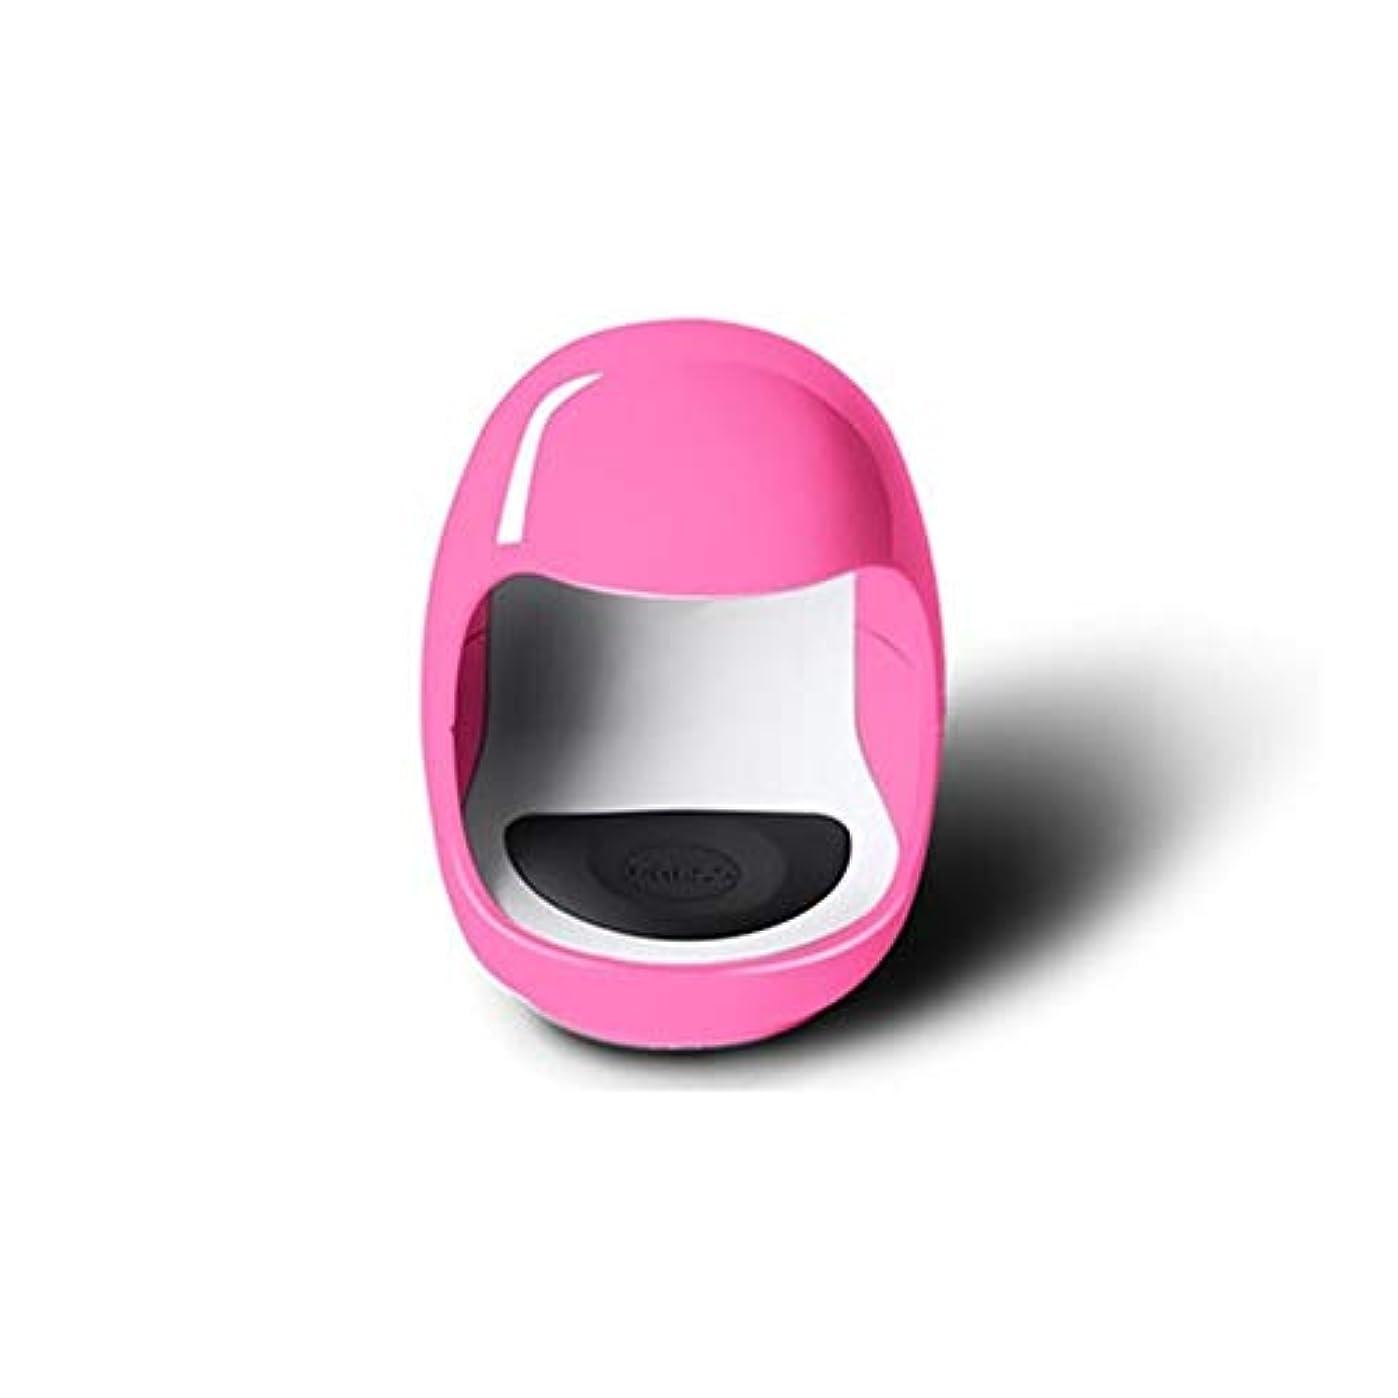 チューブ知覚するフェザーLittleCat ネイル光線療法のミニUSB太陽灯ライトセラピーランプLEDランプ速乾性ネイルポリッシュベーキングゴム (色 : Pink without data cable)